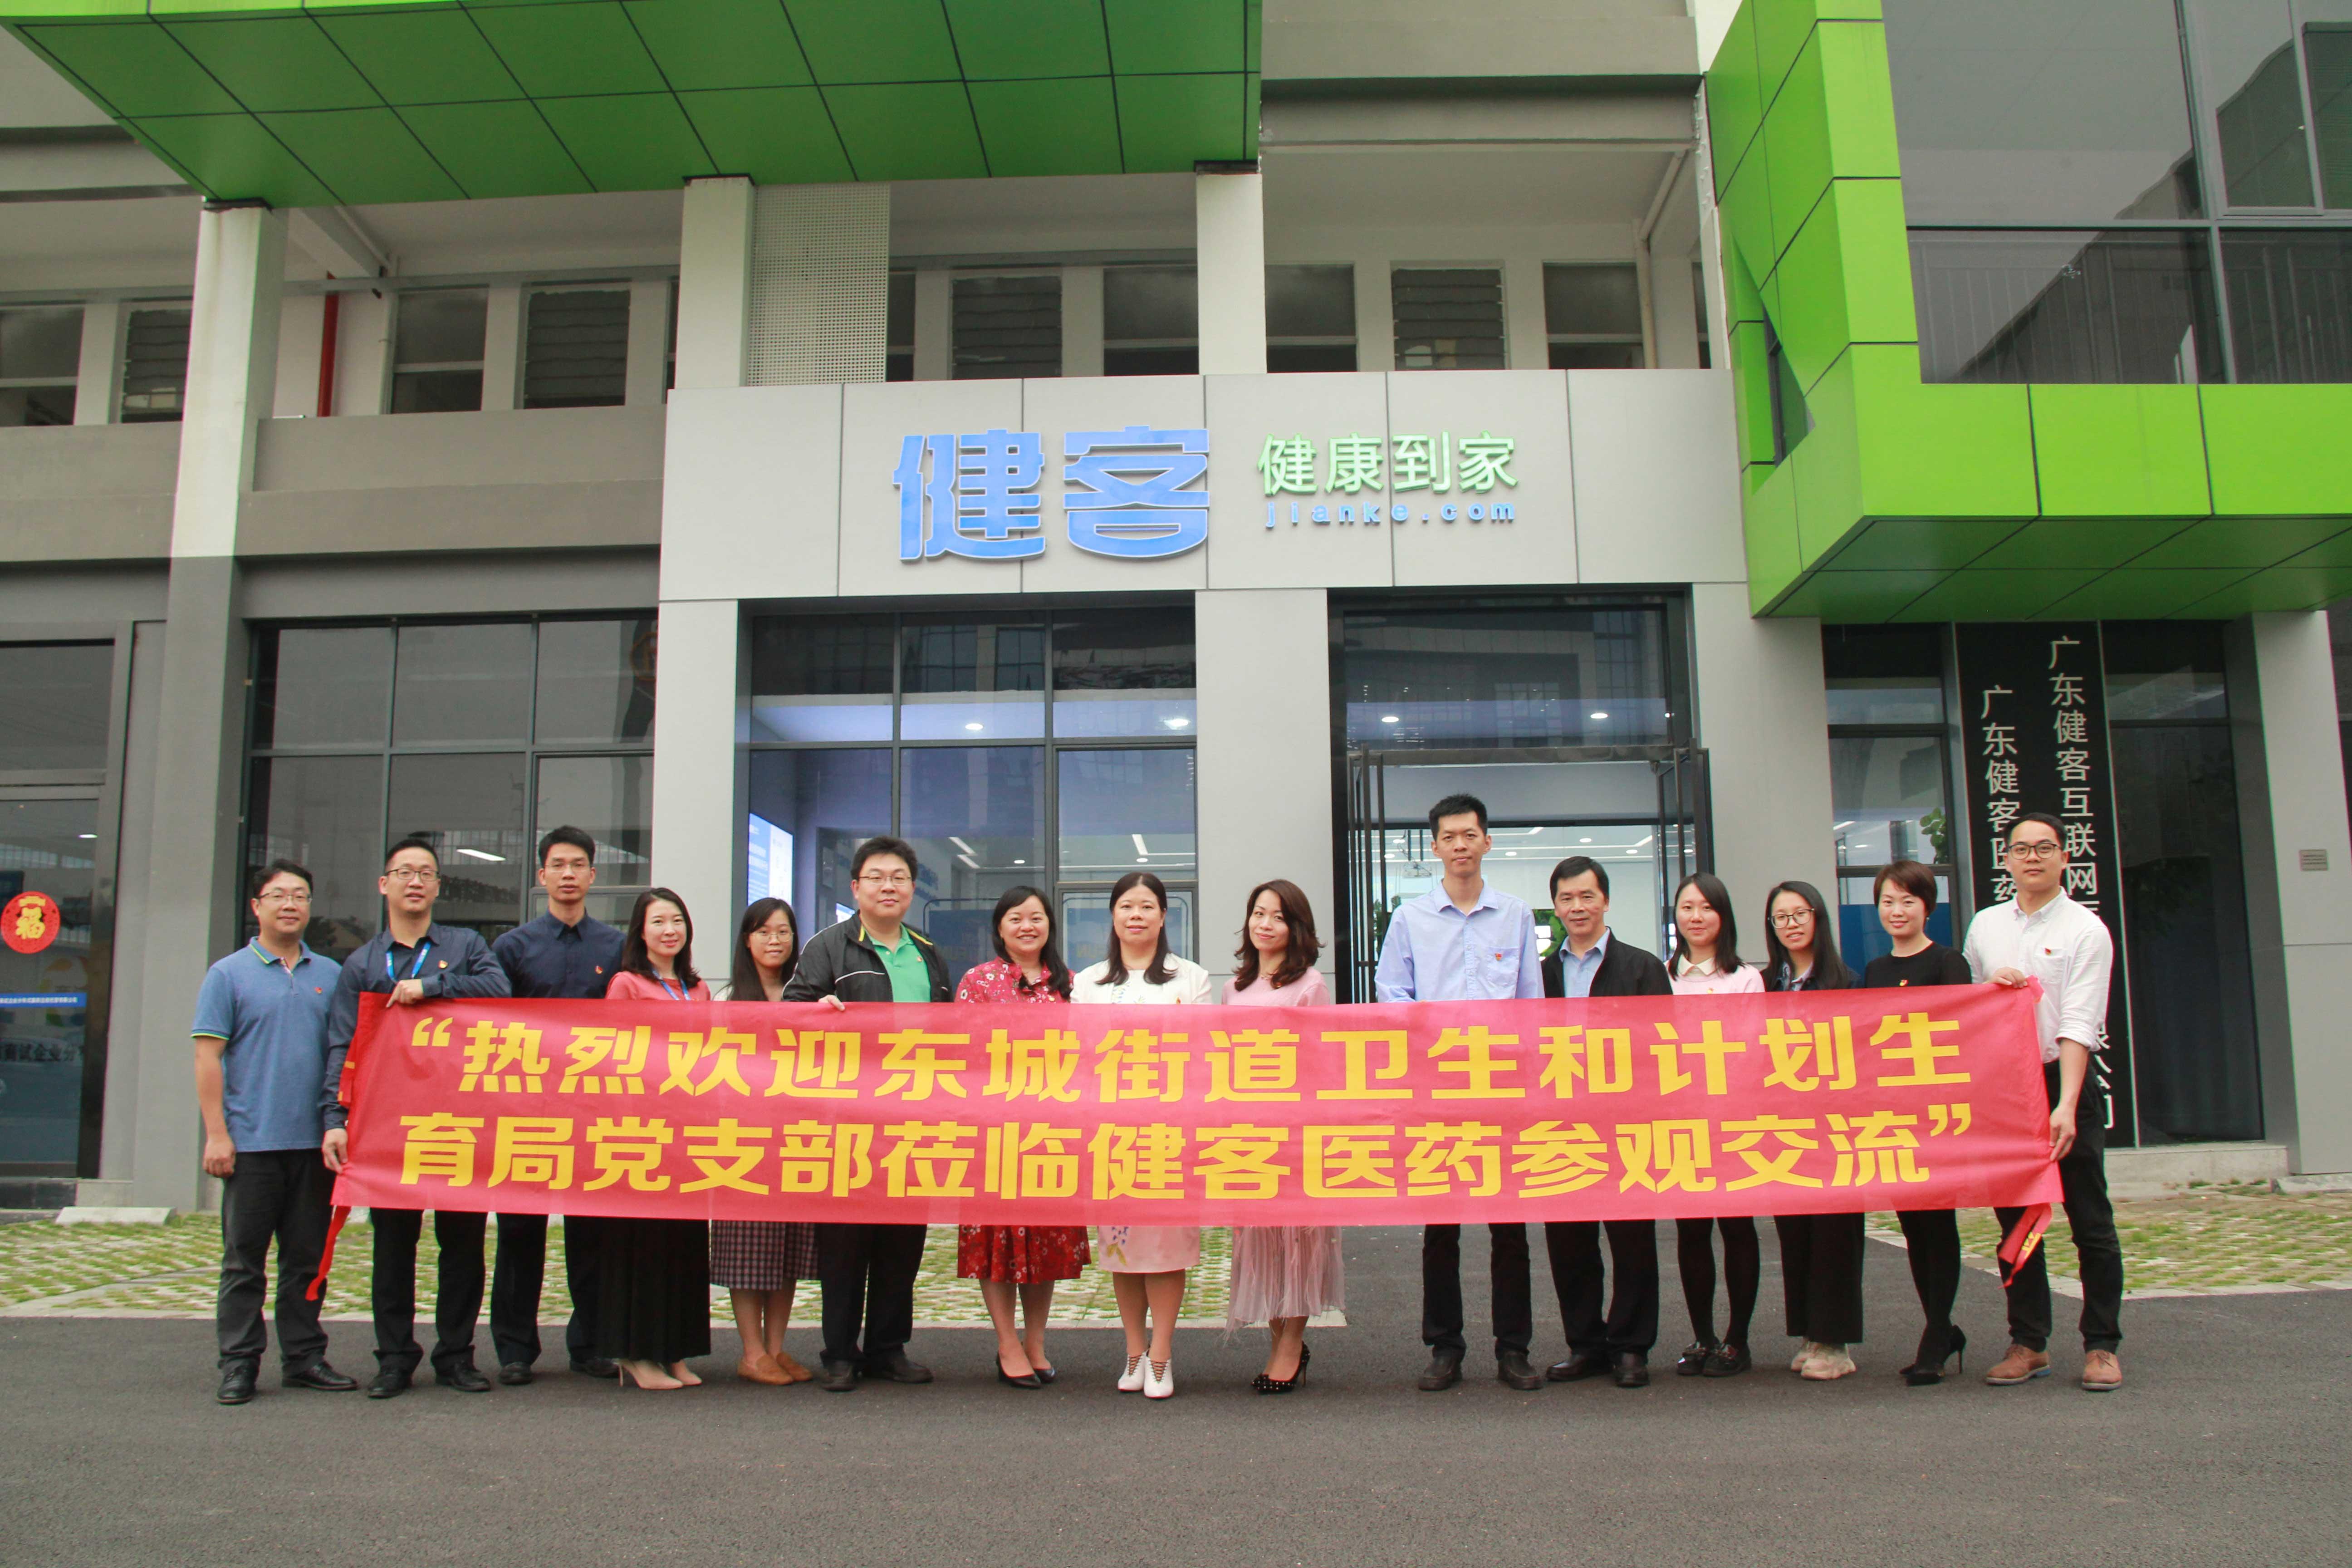 东莞东城街道卫生和计划生育局党支部莅临健客商改基地 共同开展党建共建工作